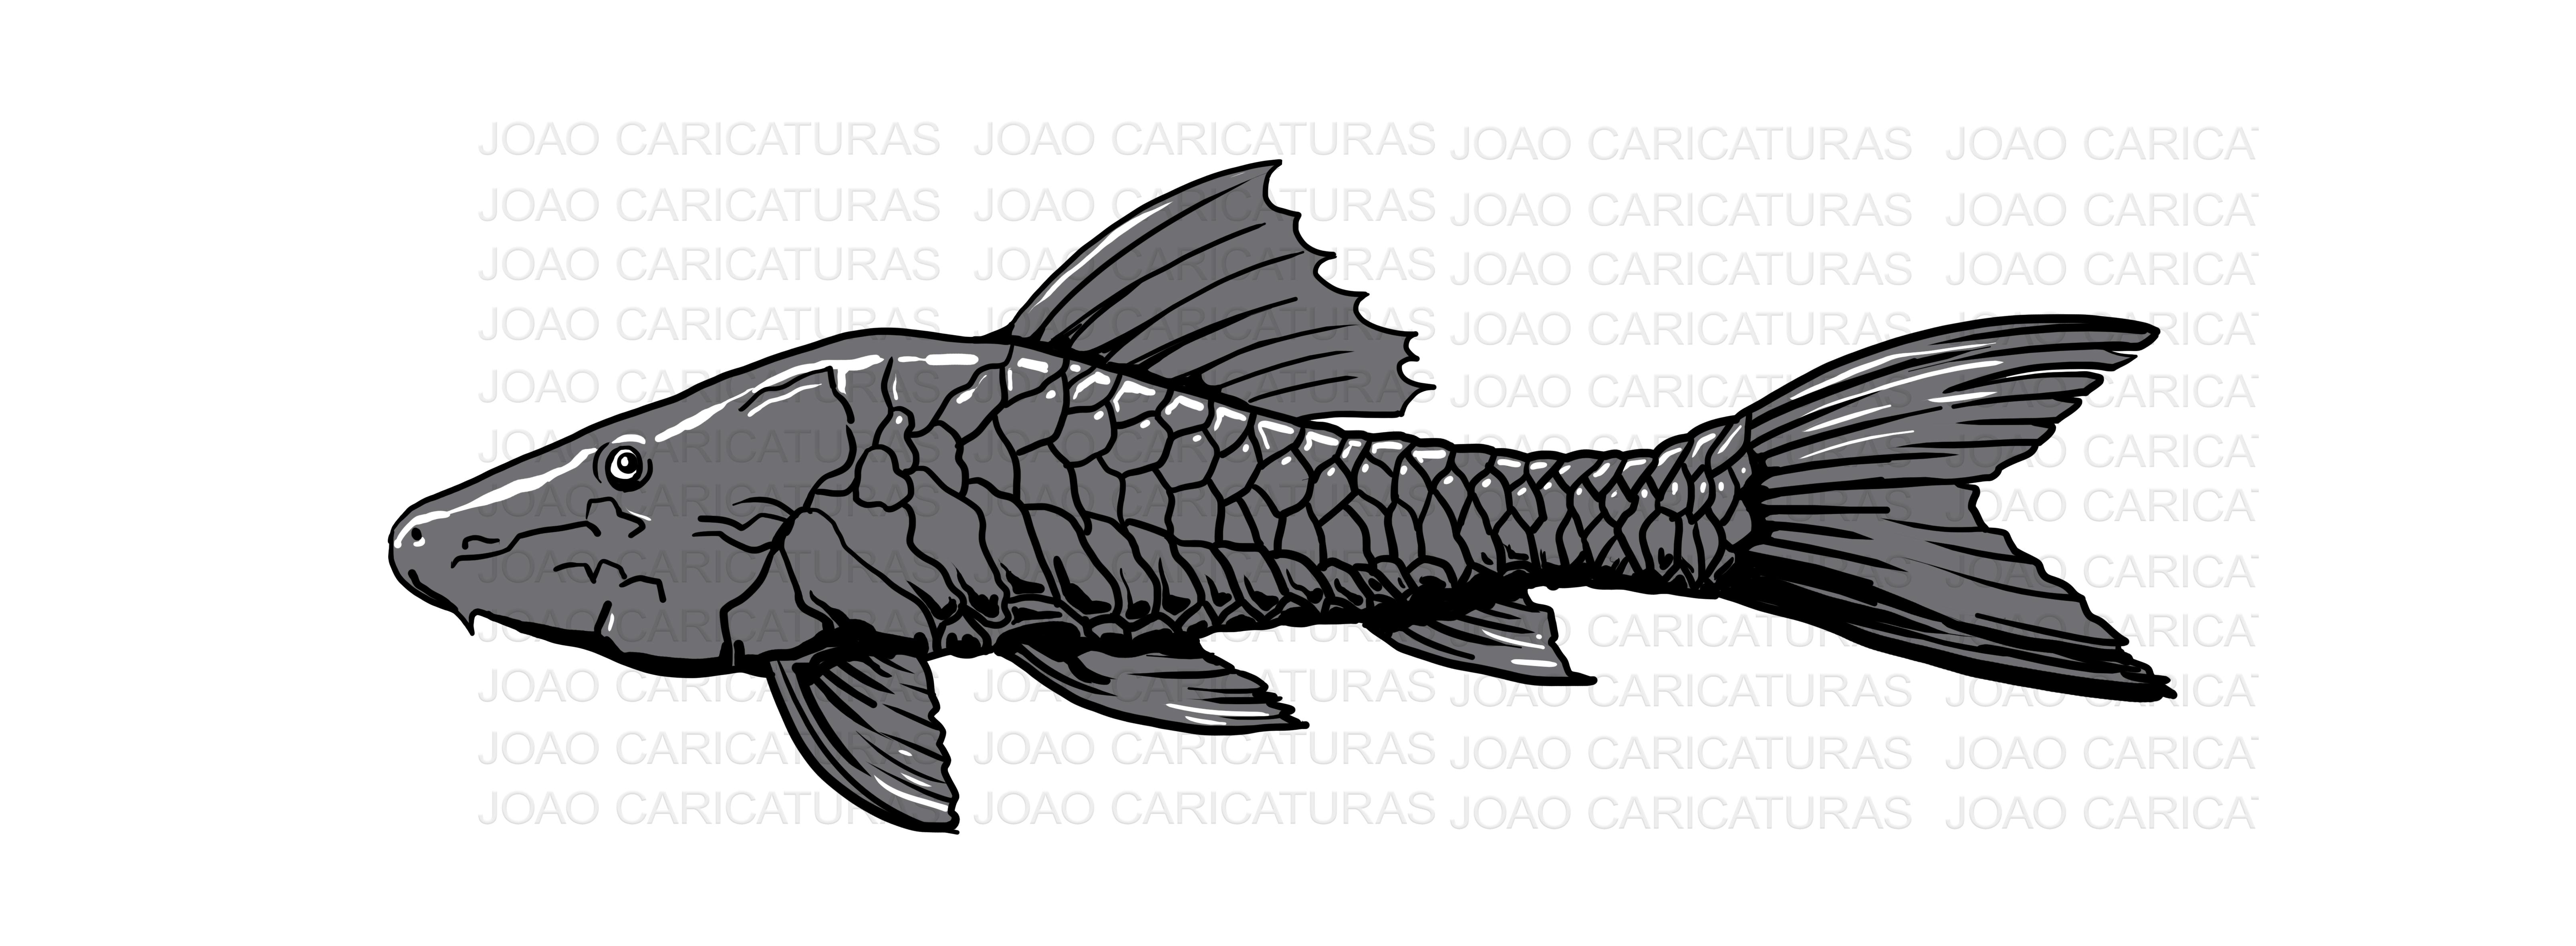 Desenho Peixe Cascudo Preto No Elo7 Joao Caricaturas E Desenhos